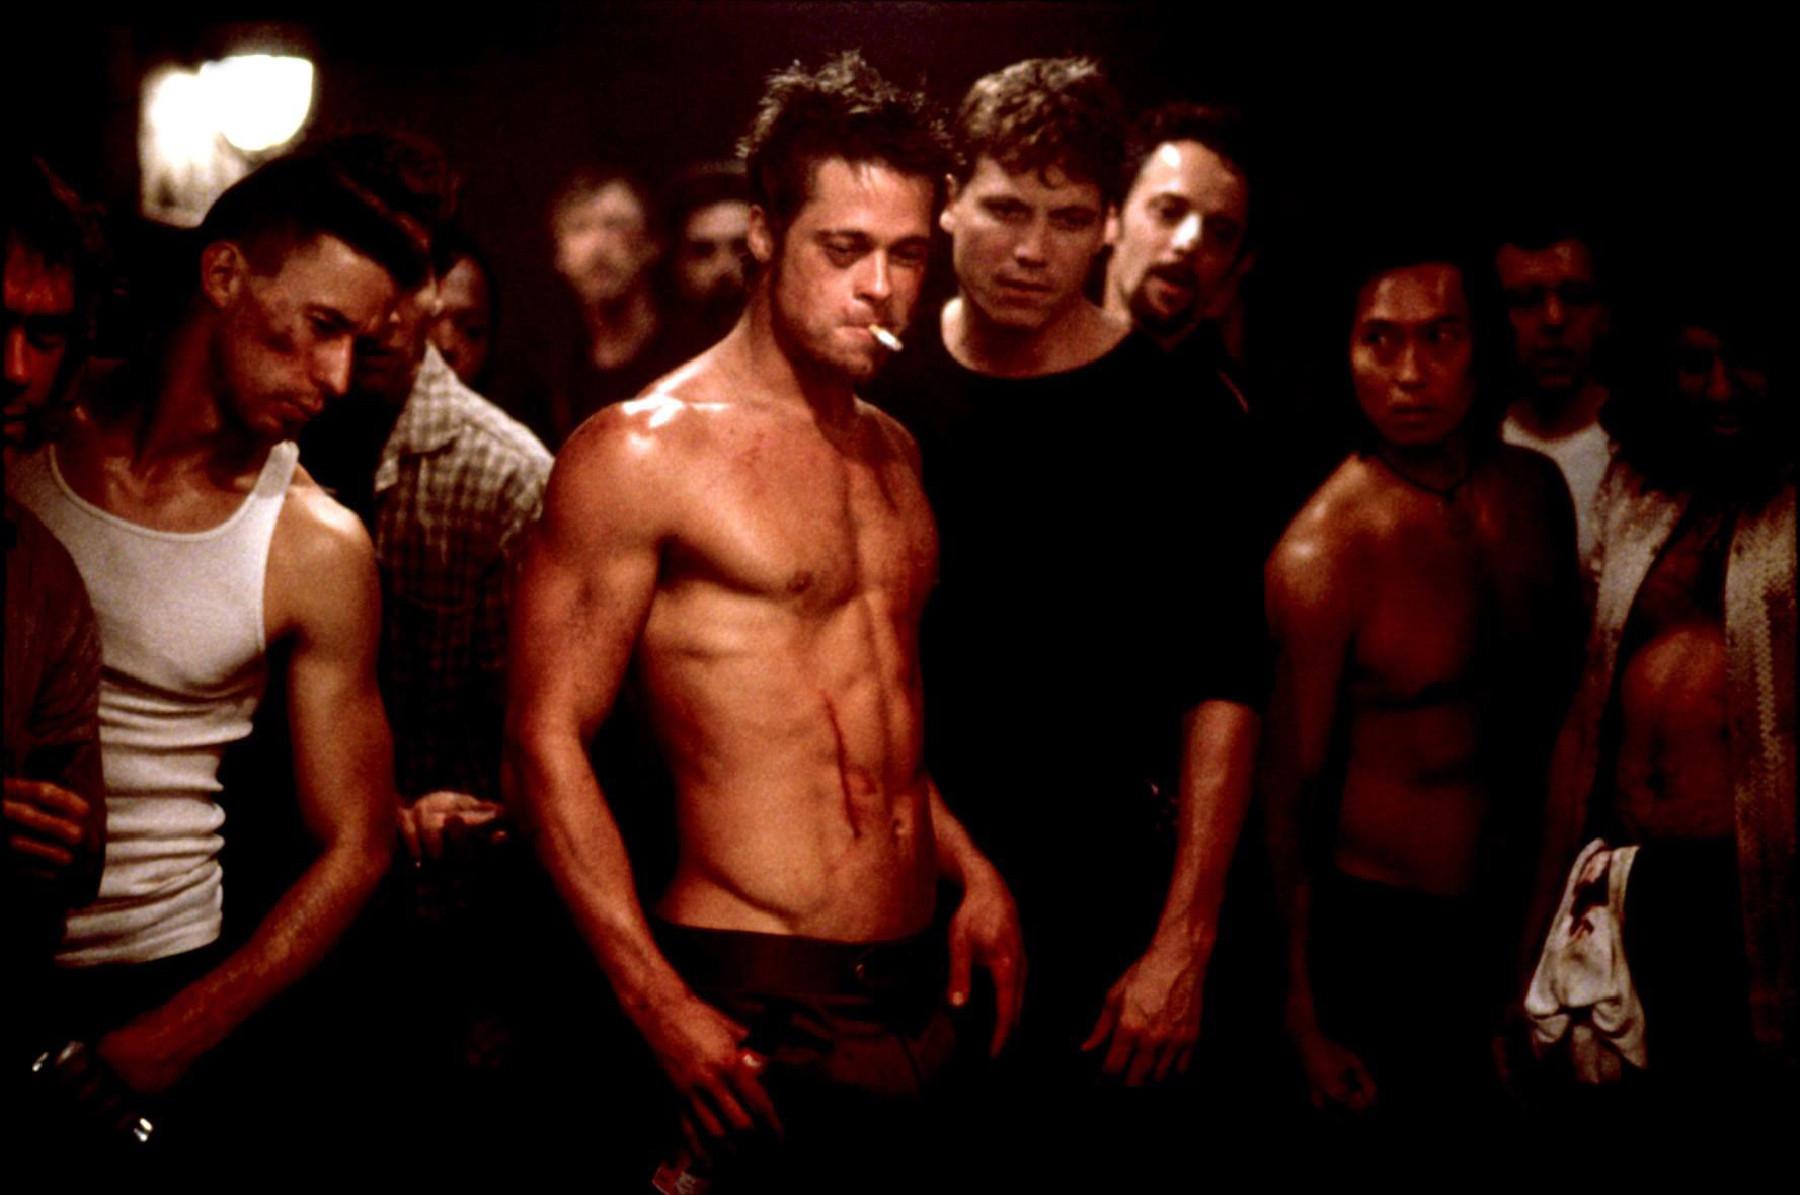 بهترین دیالوگ های فیلم باشگاه مشت زنی Fight Club